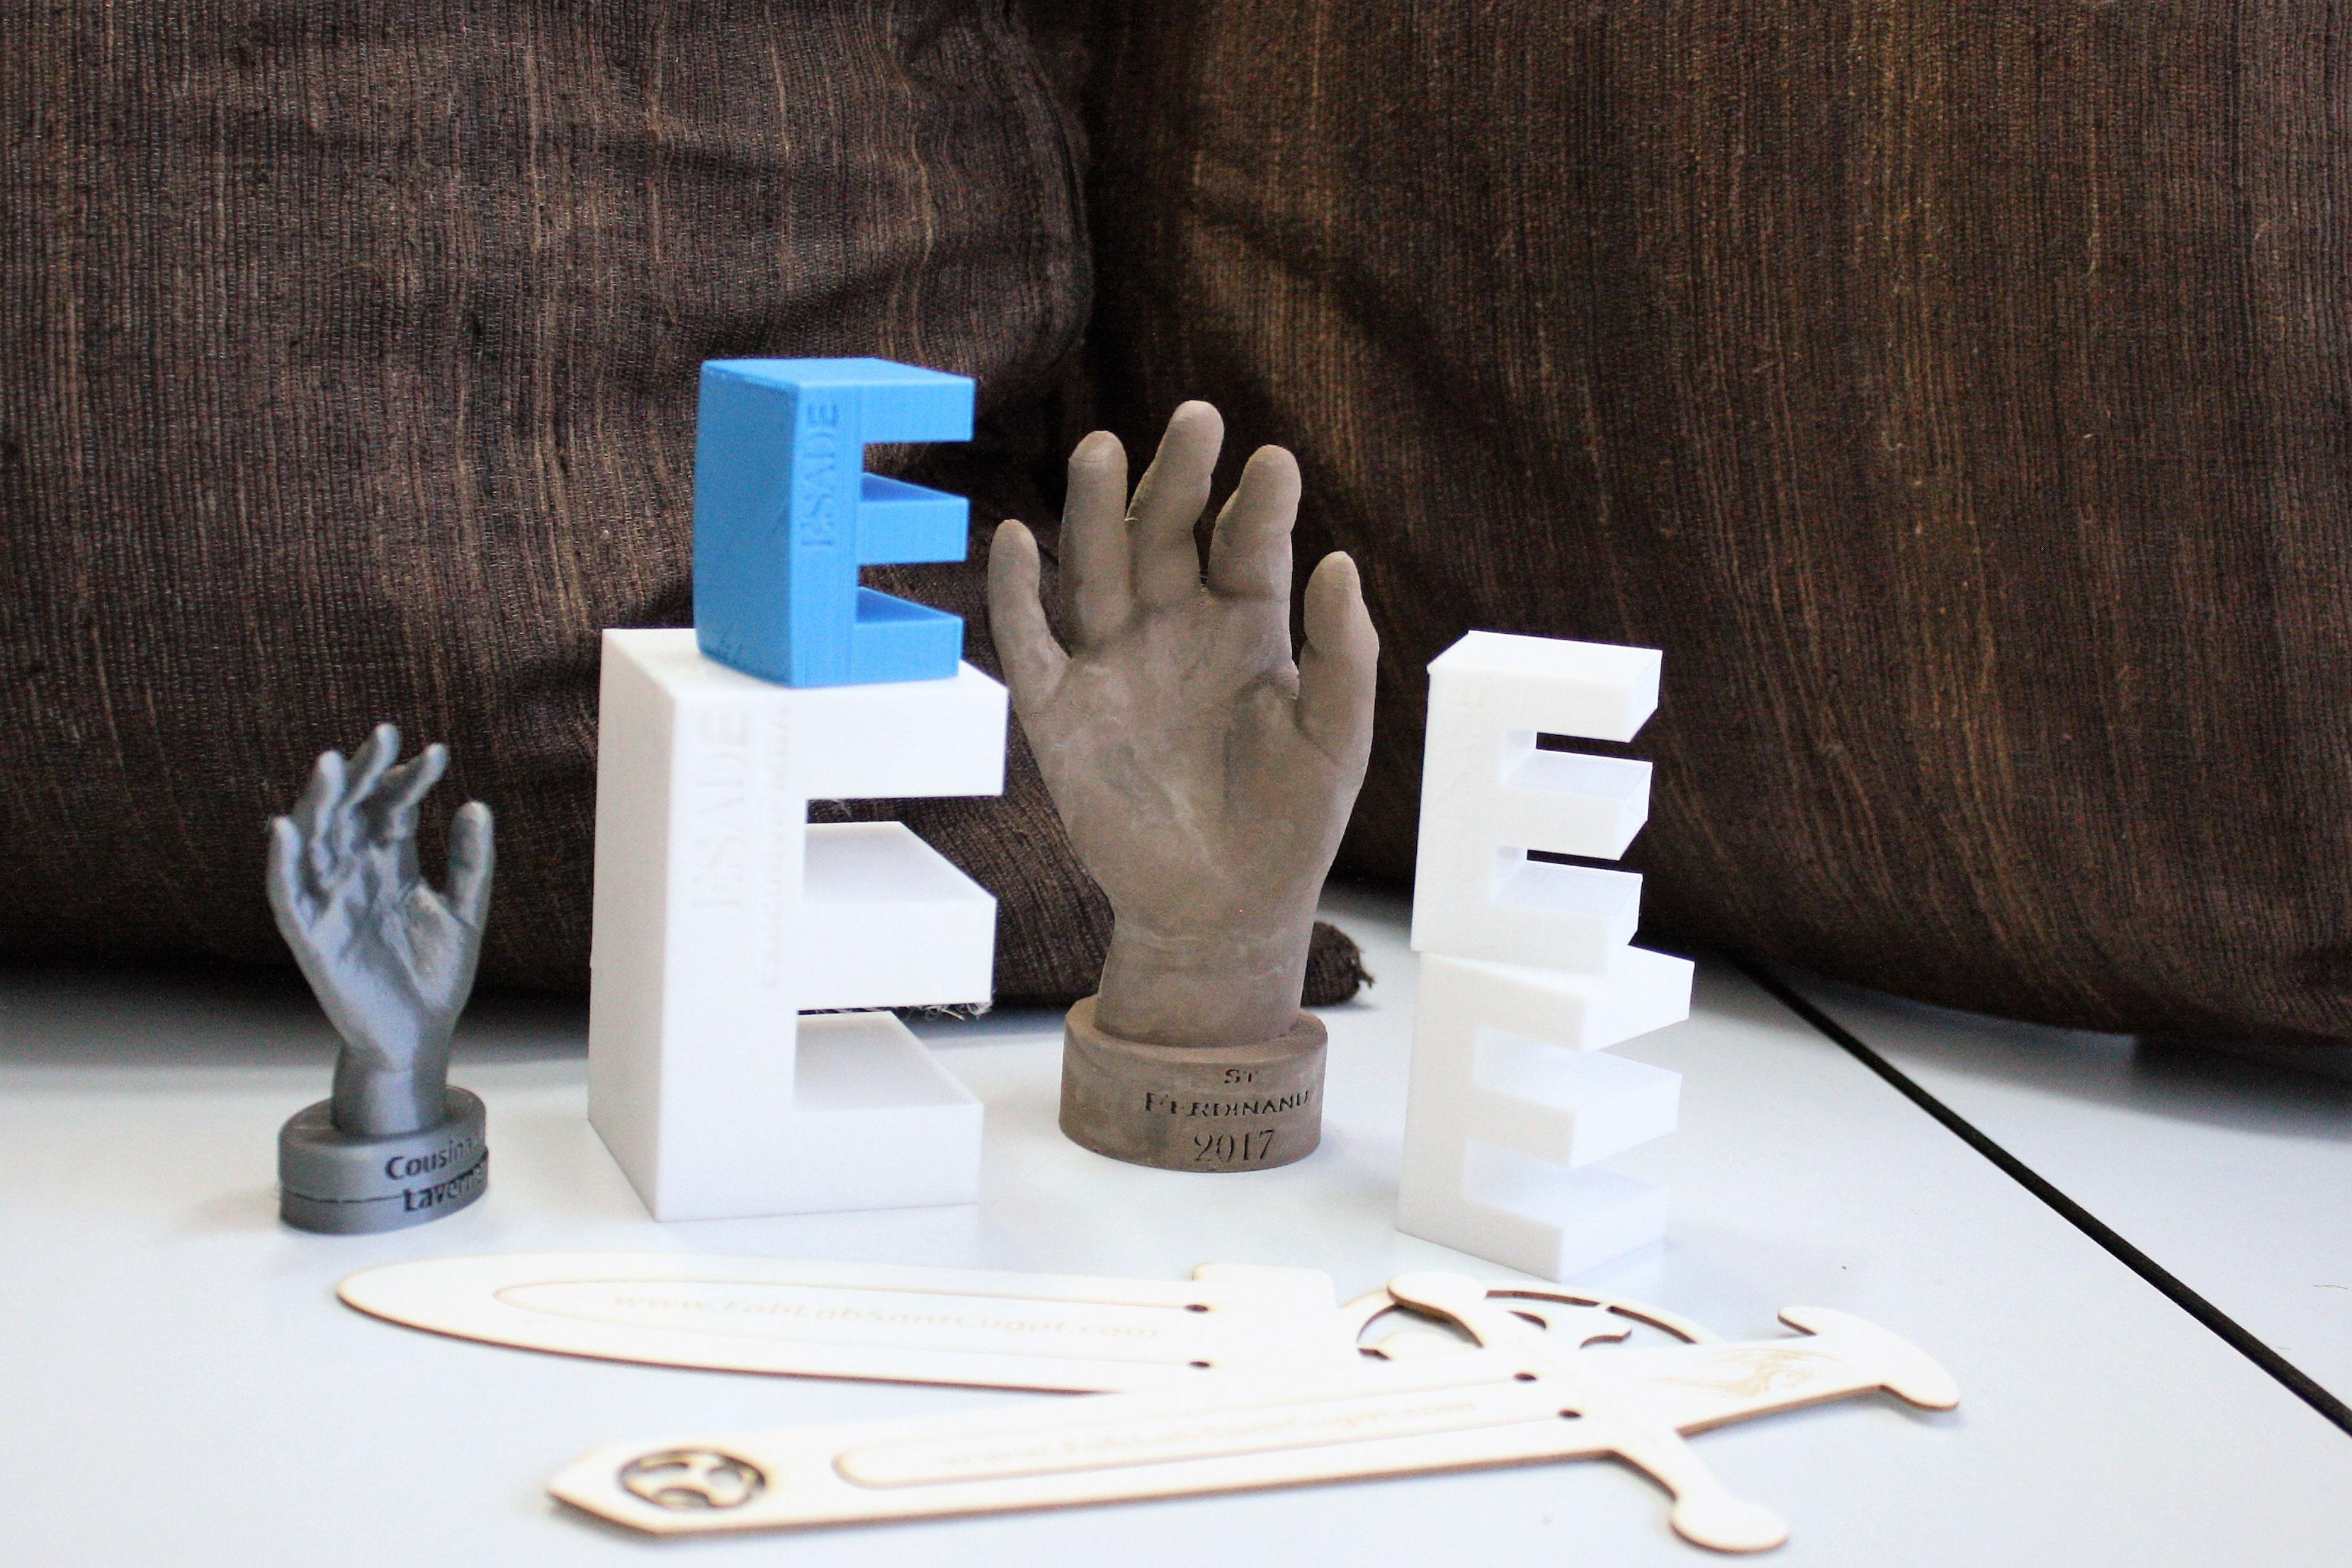 Maker Grace Hopper